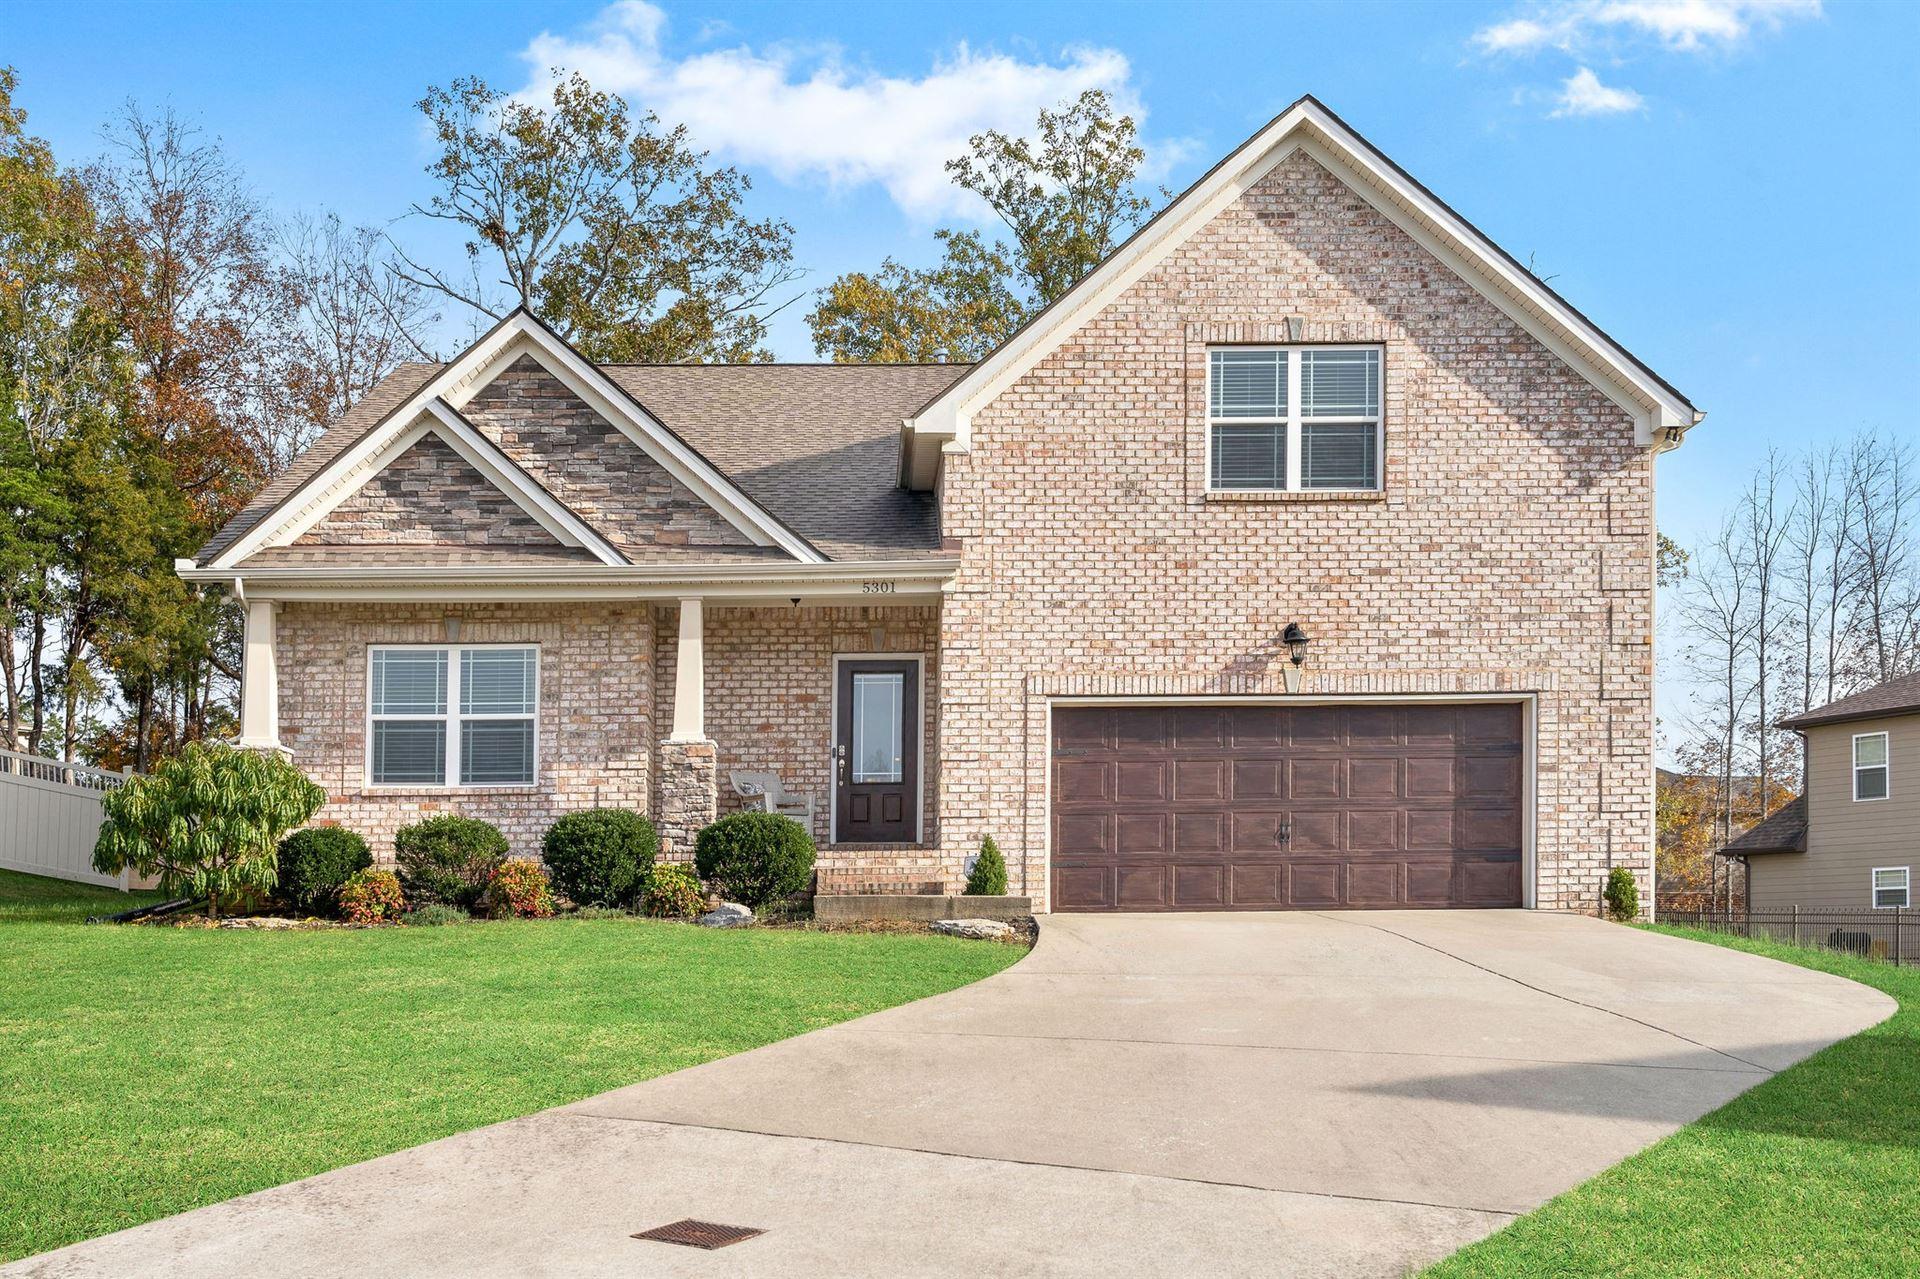 5301 Abbottswood Dr, Smyrna, TN 37167 - MLS#: 2221536